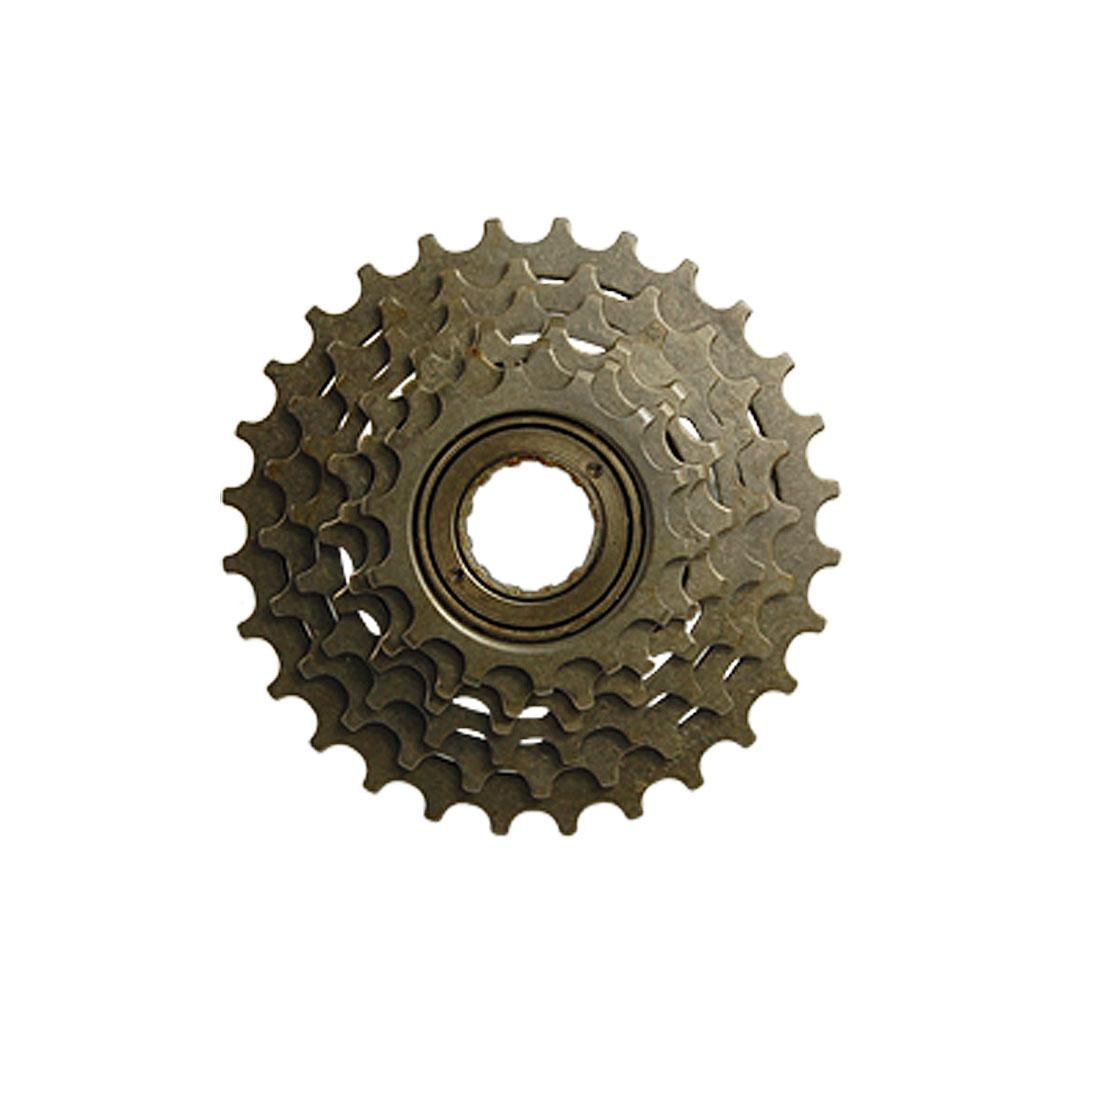 Bike Bicycle Replacement 6 Speed Type Metal Sprocket Wheel Freewheel